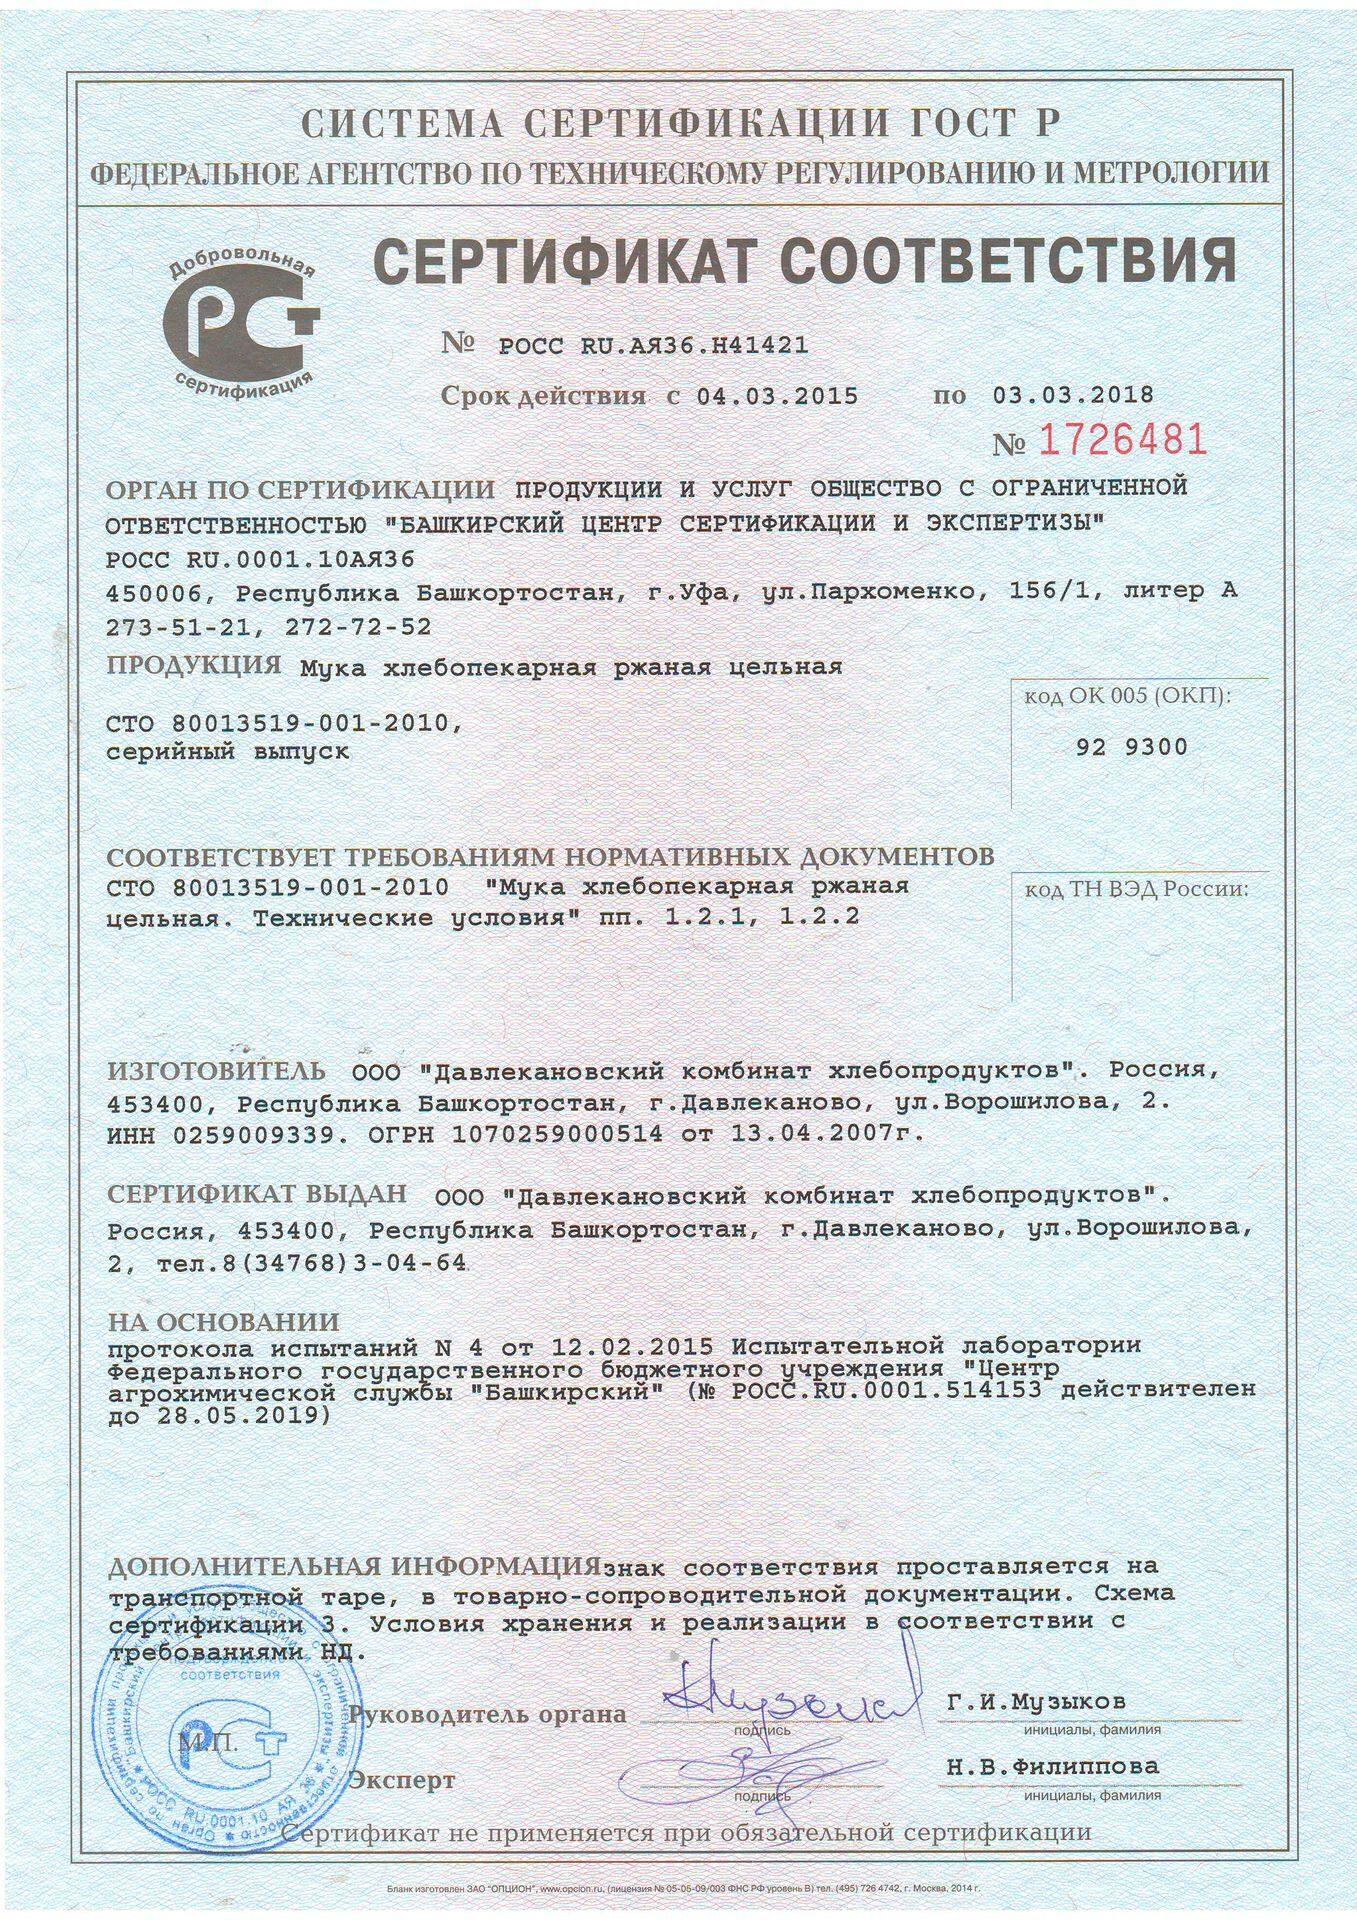 Сертификация мукомольной продукции лицензирование и сертификация в торговле россии